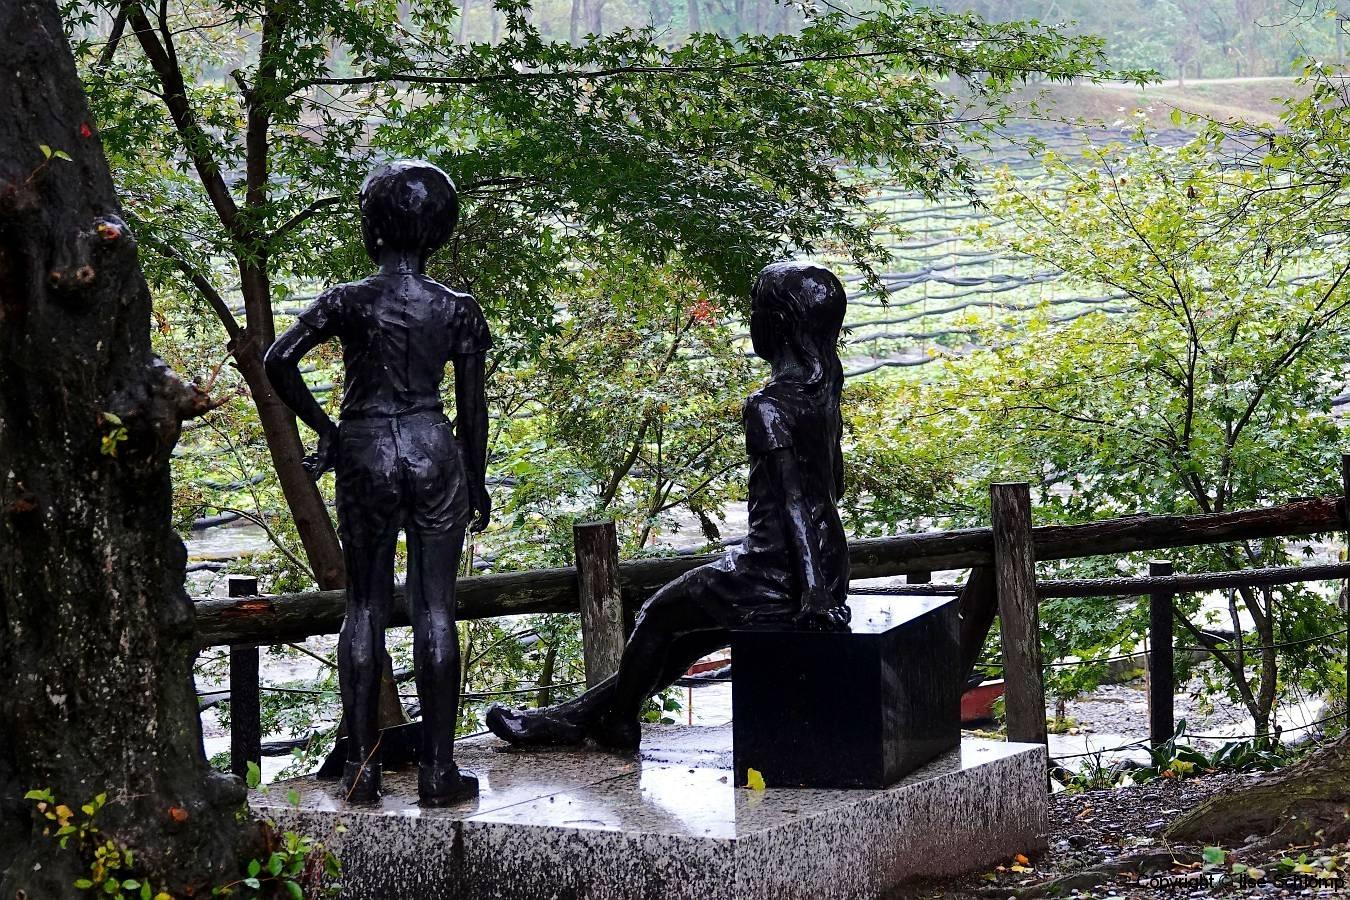 Japan, Hotaka, Daio Wasabi Farm, Skulptur